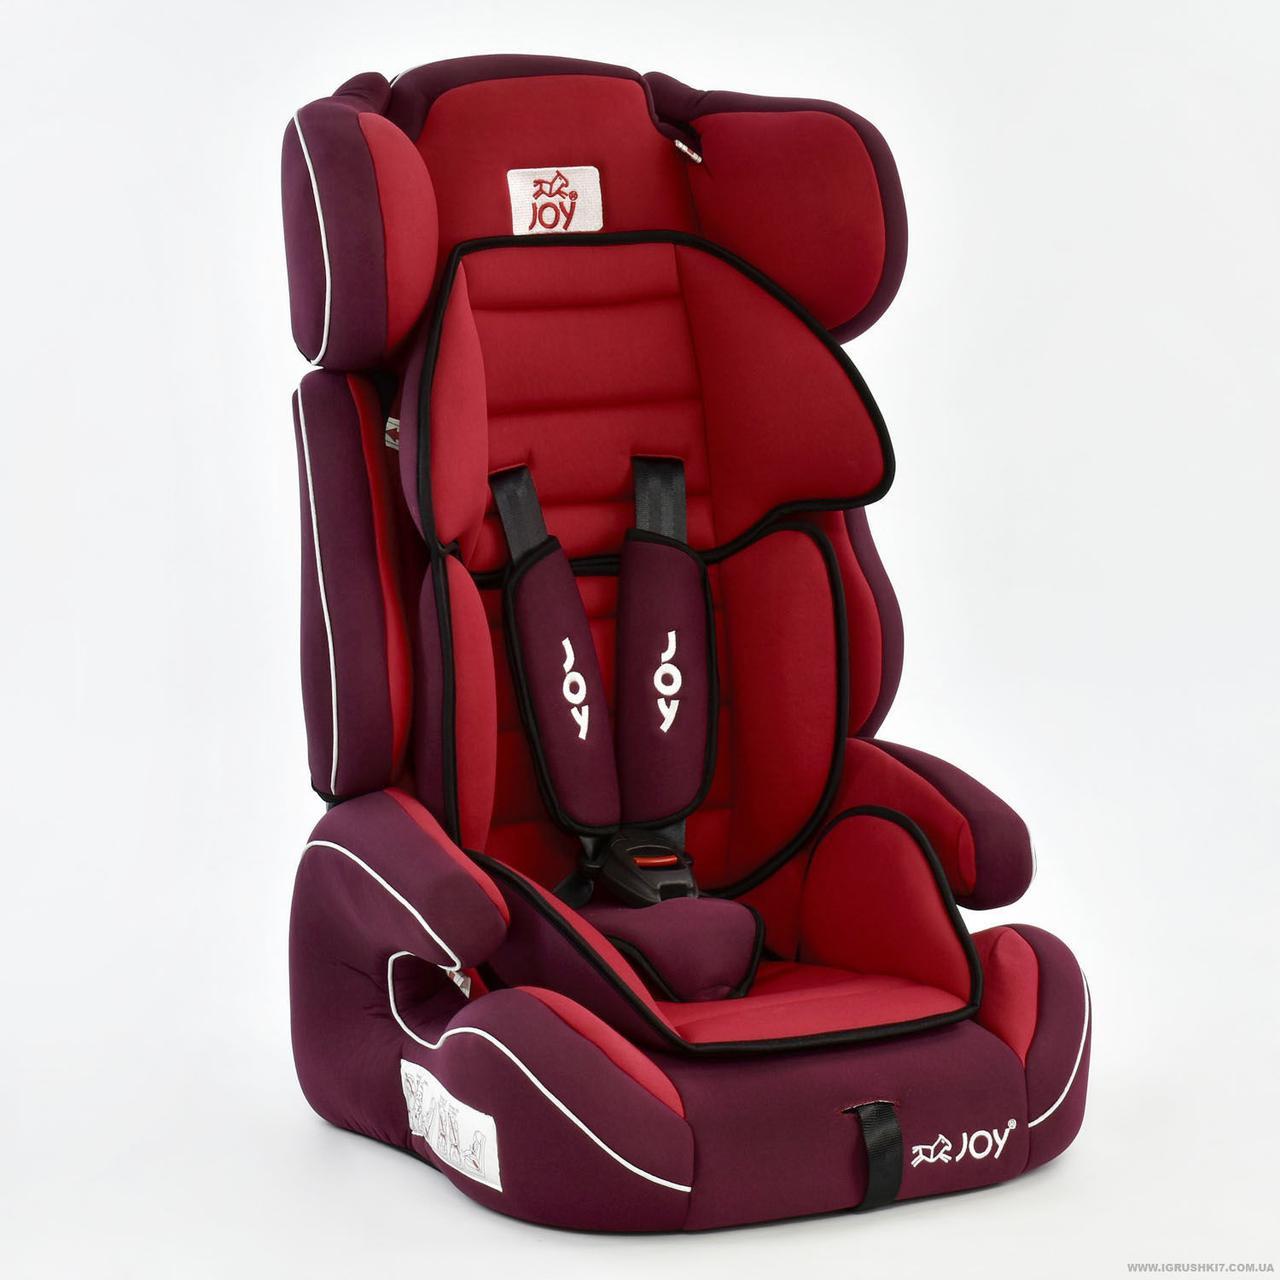 Автокресло универсальное Е 4327 (2) Цвет красный 9-36 кг Joy